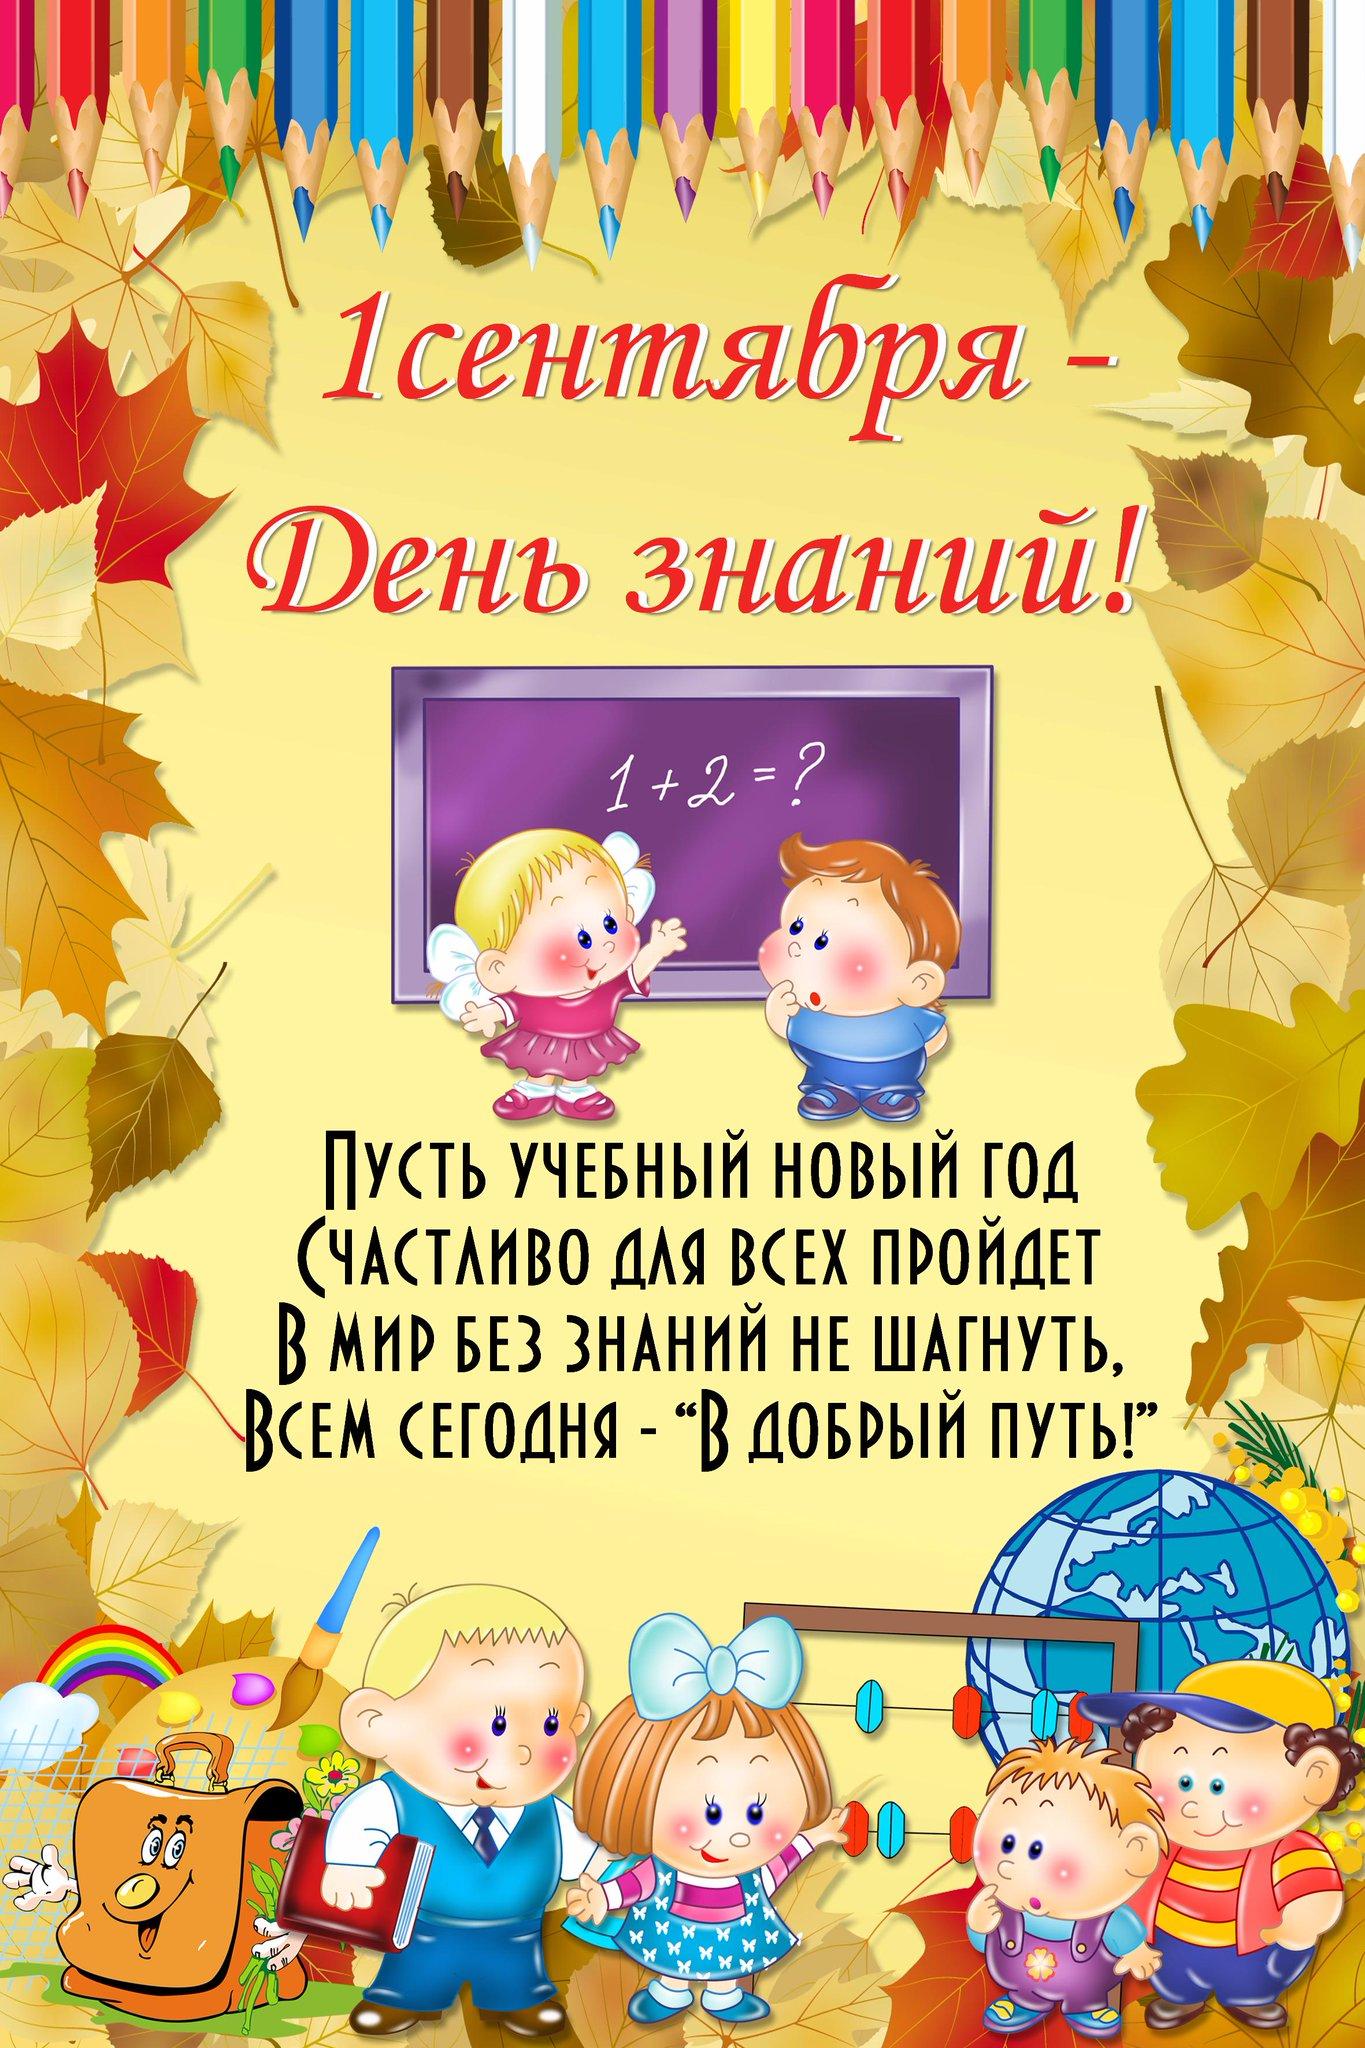 Поздравление с днем знаний детям